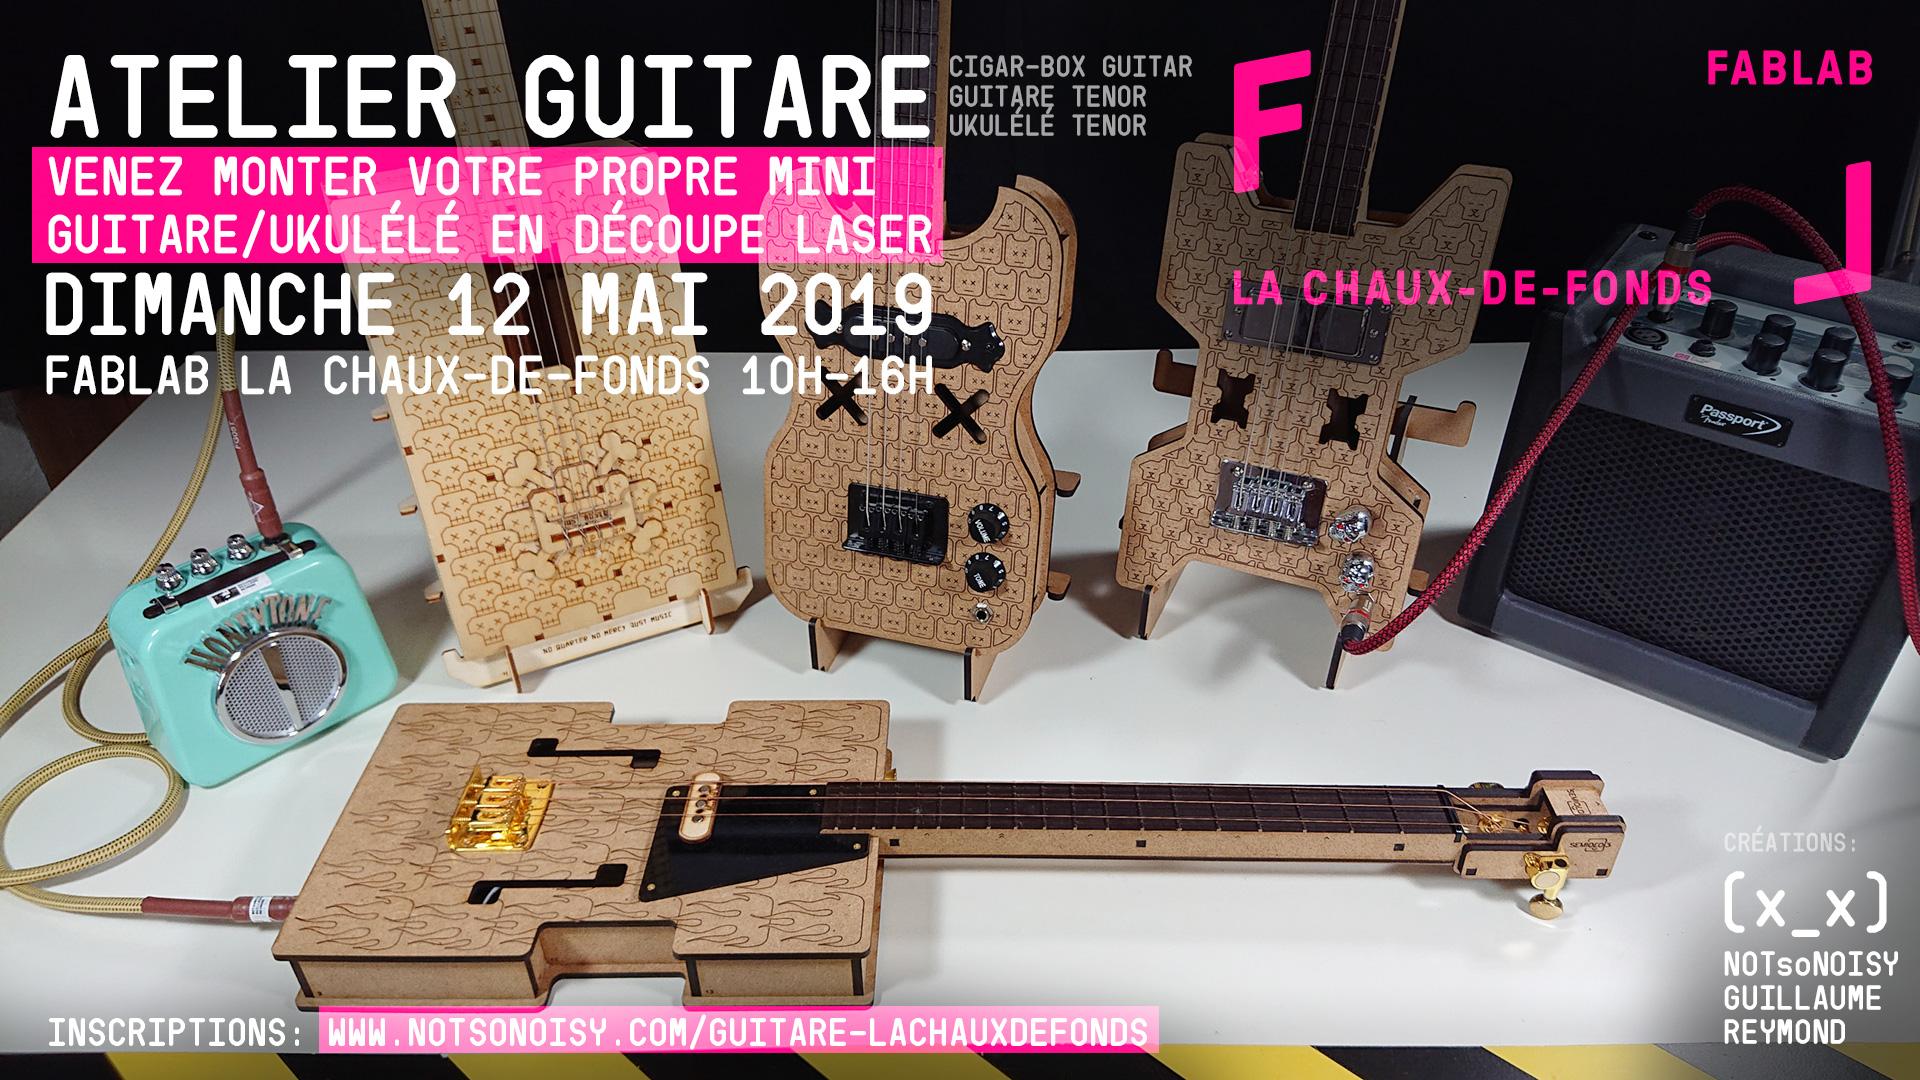 Atelier Fablab La Chaux-de-Fonds guitare/ukulélé  DIY